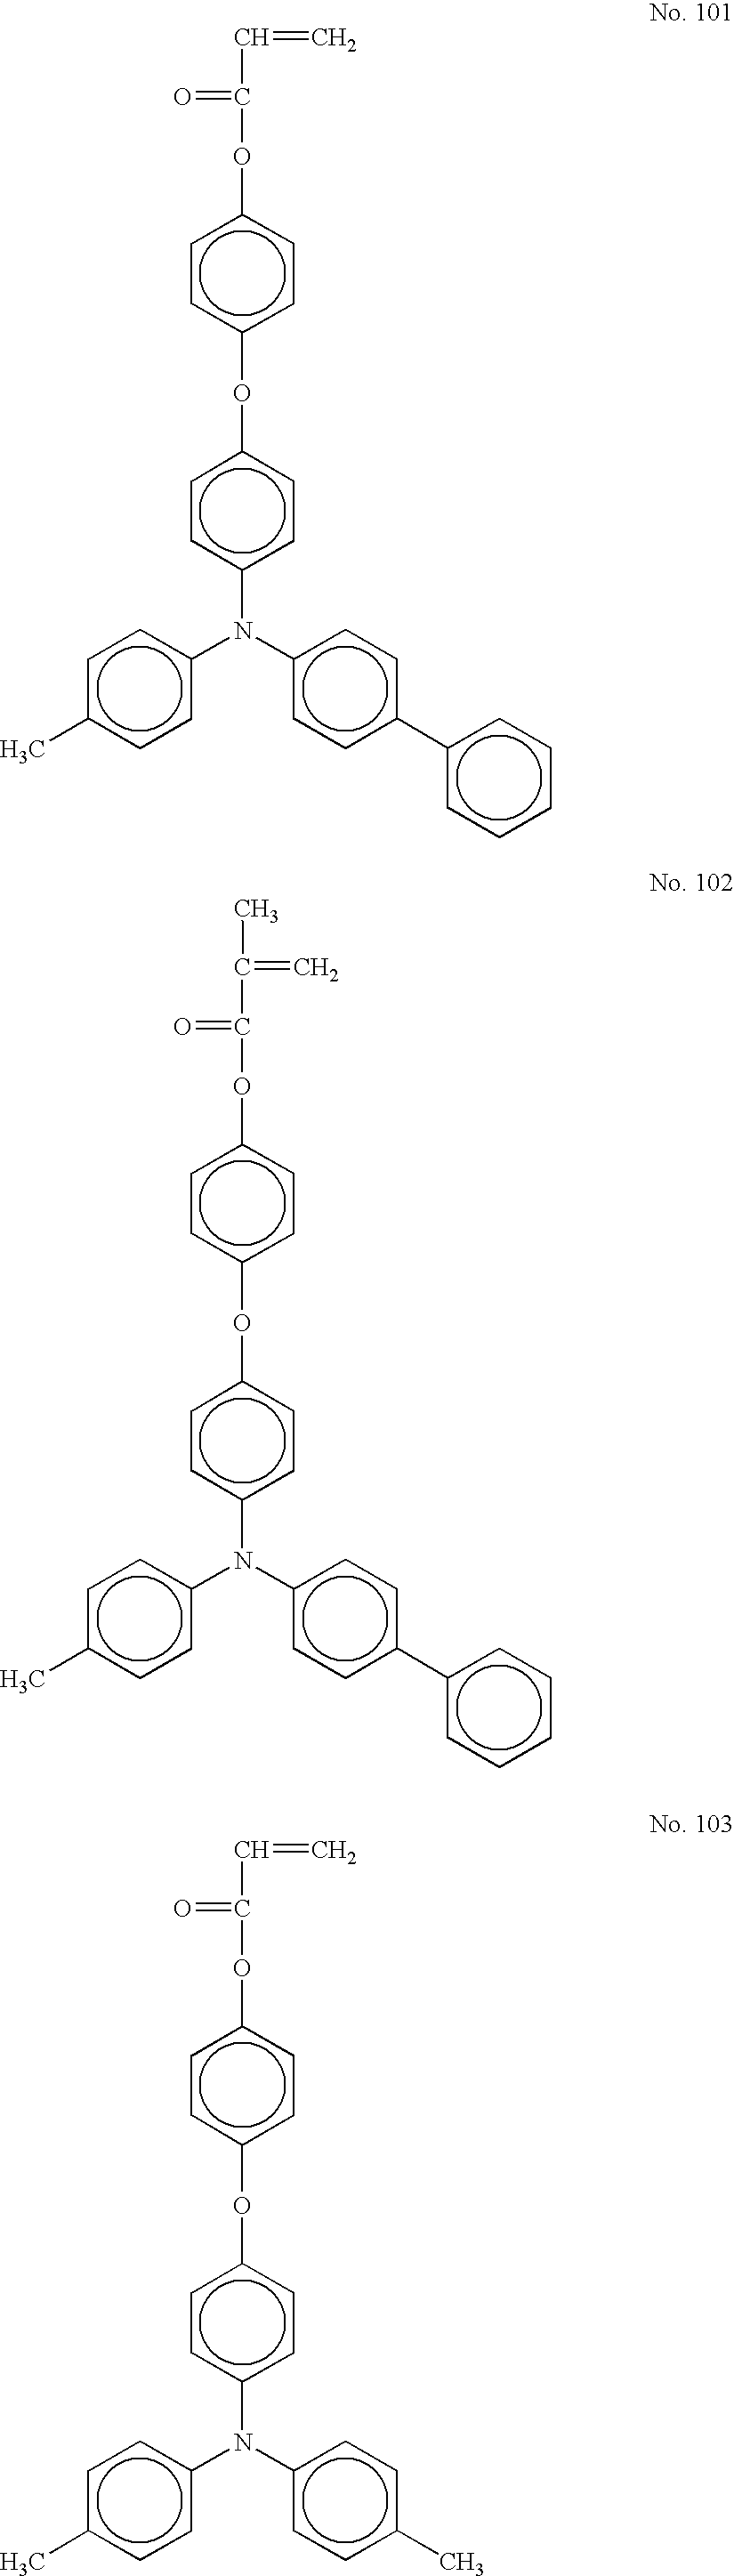 Figure US20100209842A1-20100819-C00037